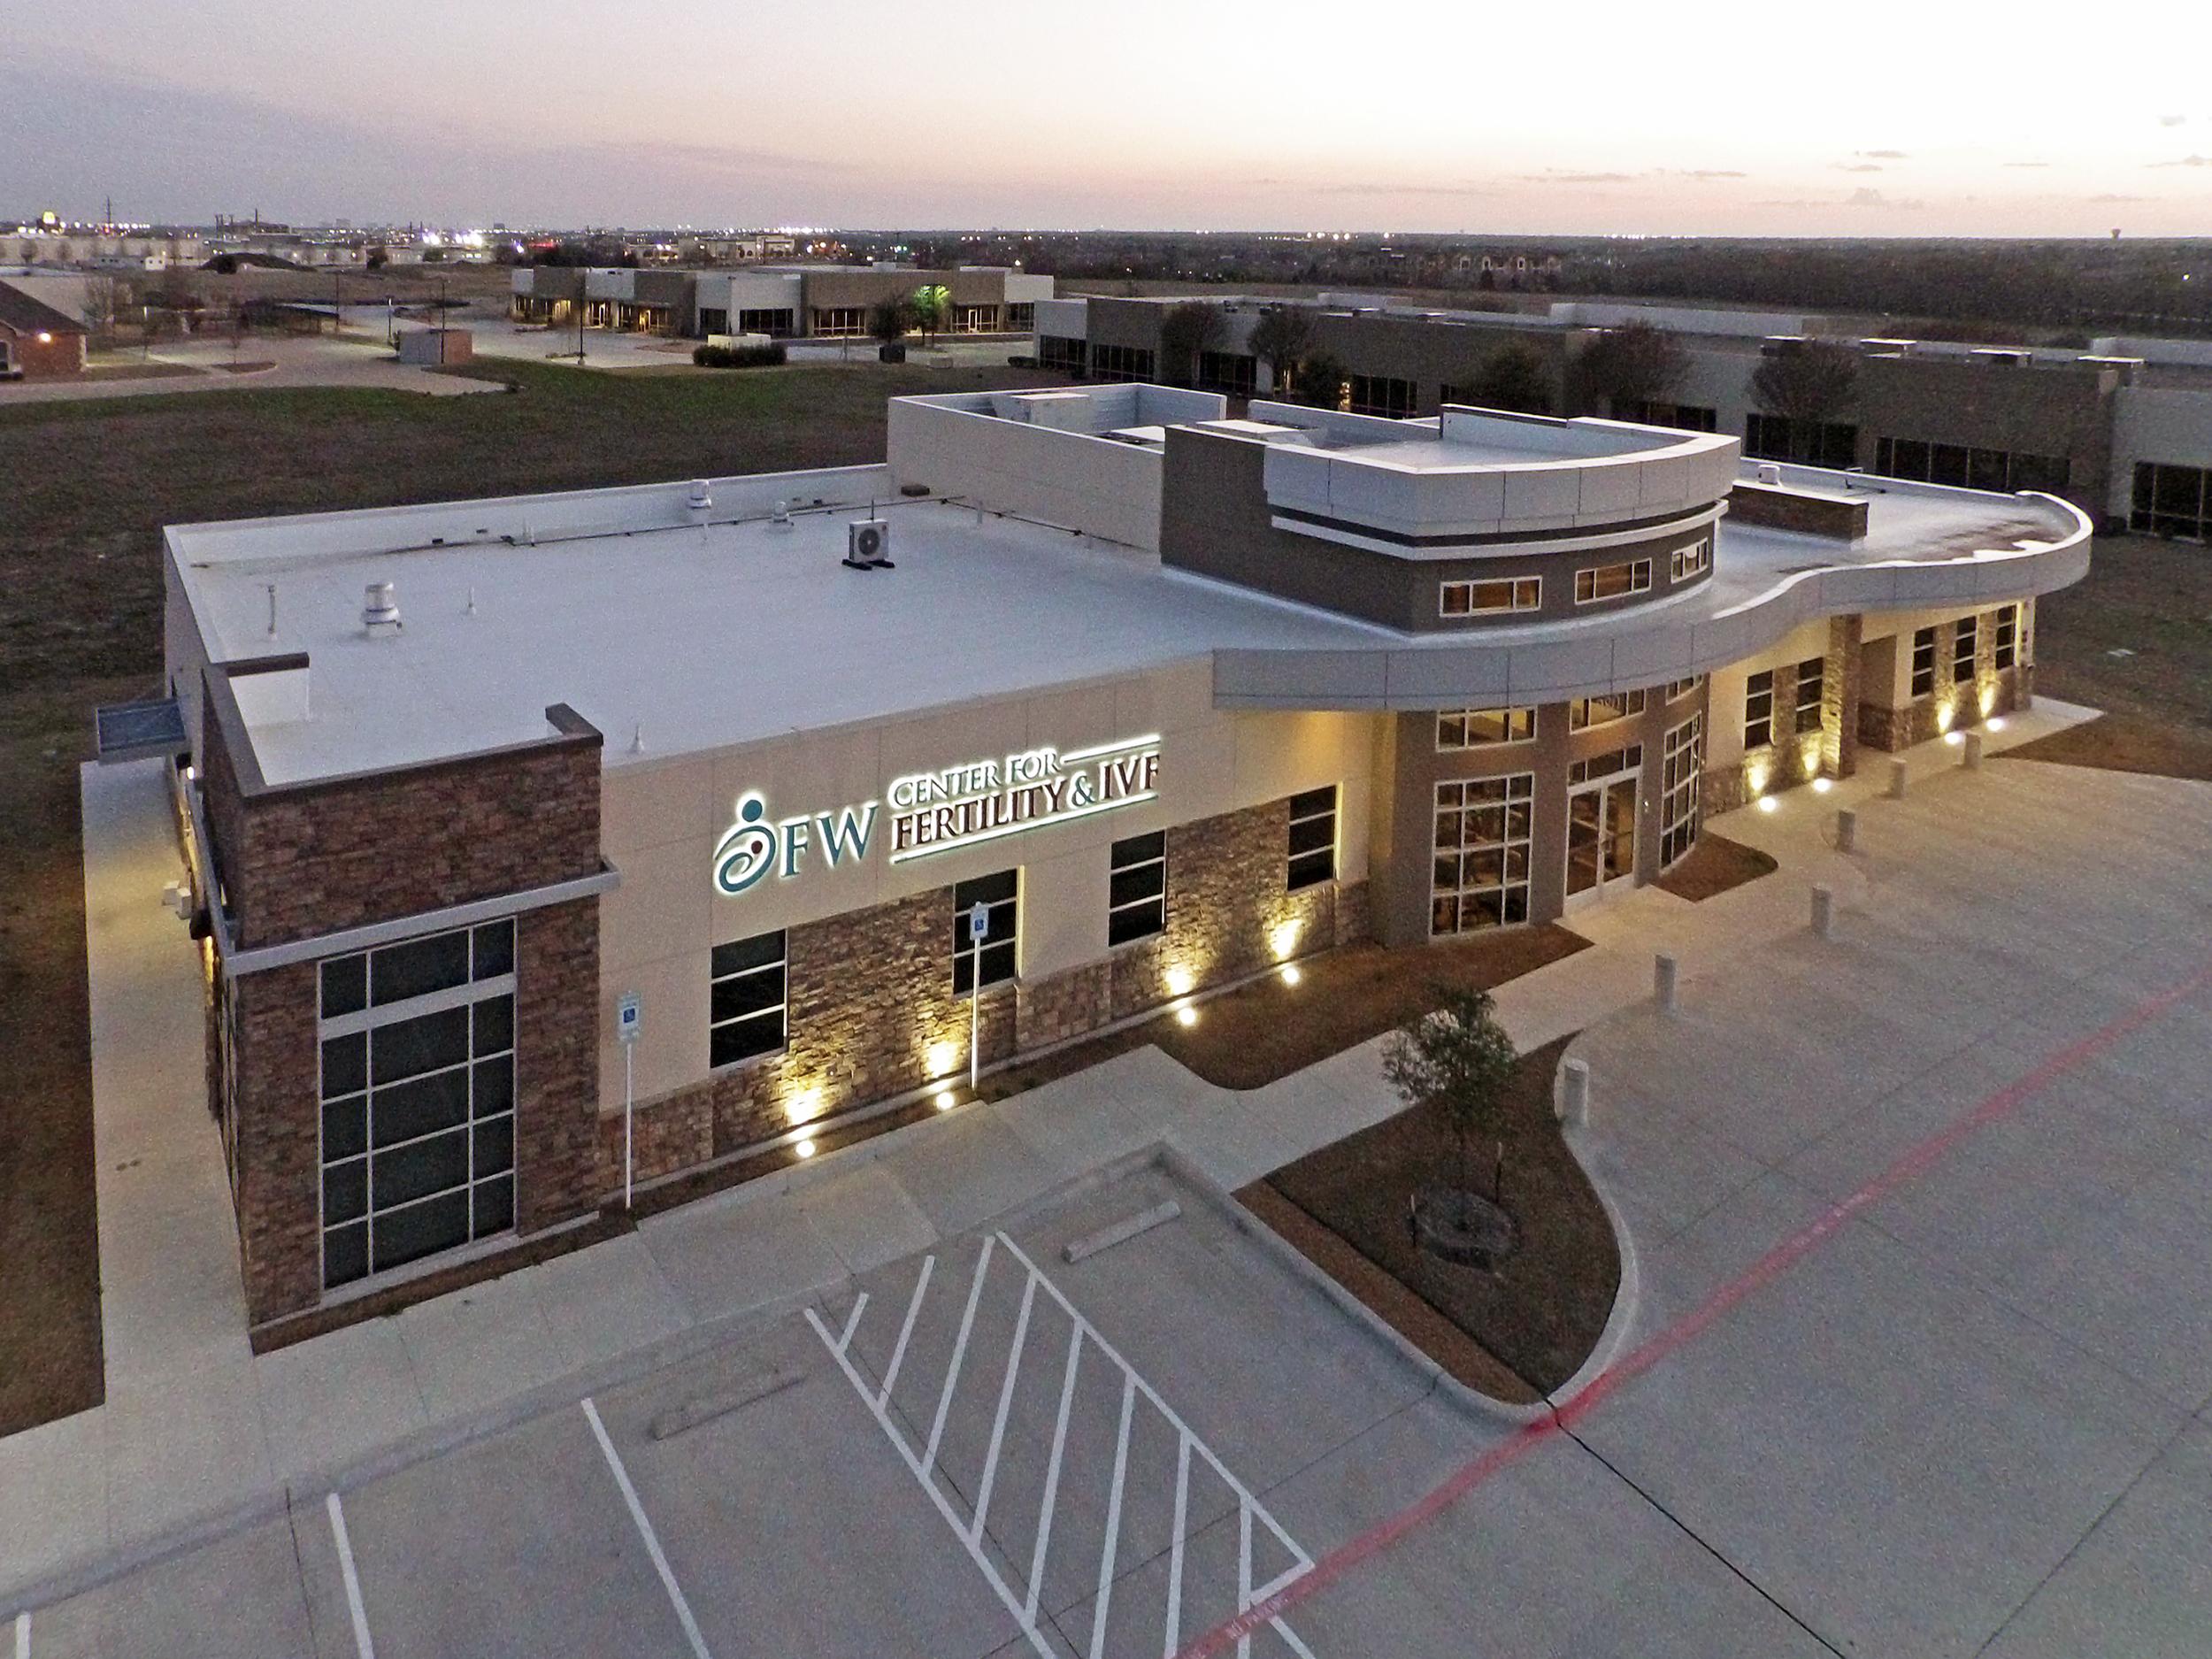 DFW Center for IVF - Aerial.jpg